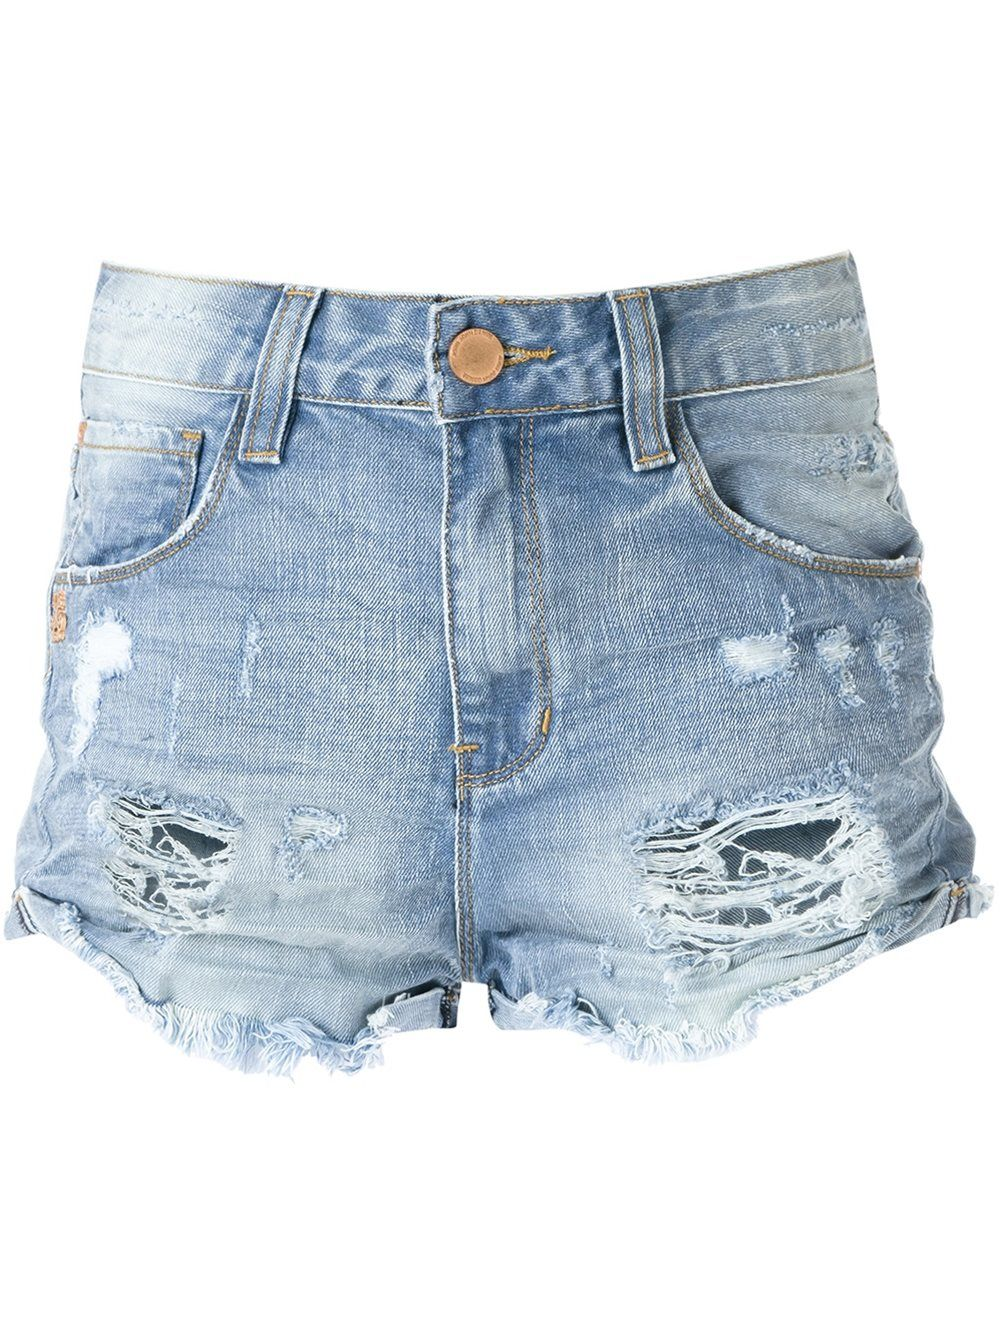 7bda417e0 John John Short jeans